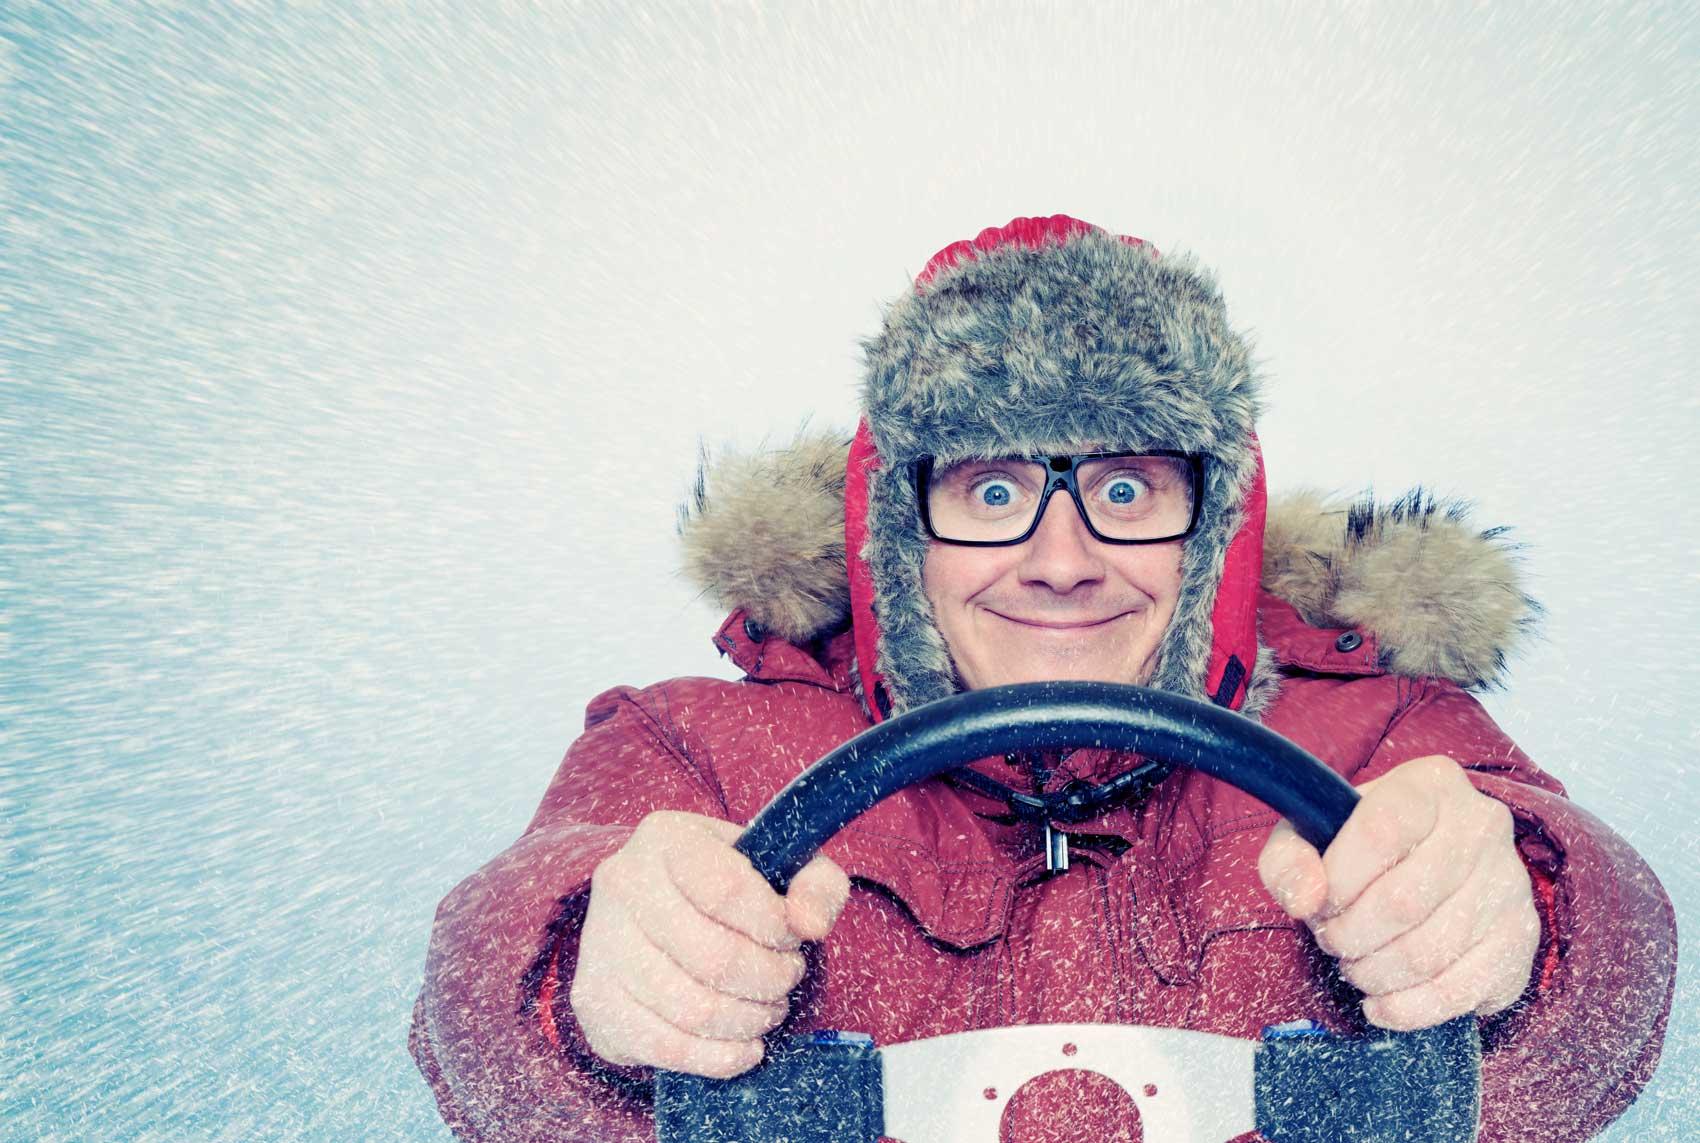 Autoškola Praha VIP - autoškola s nadstandardním přístupem, která šetří váš čas!